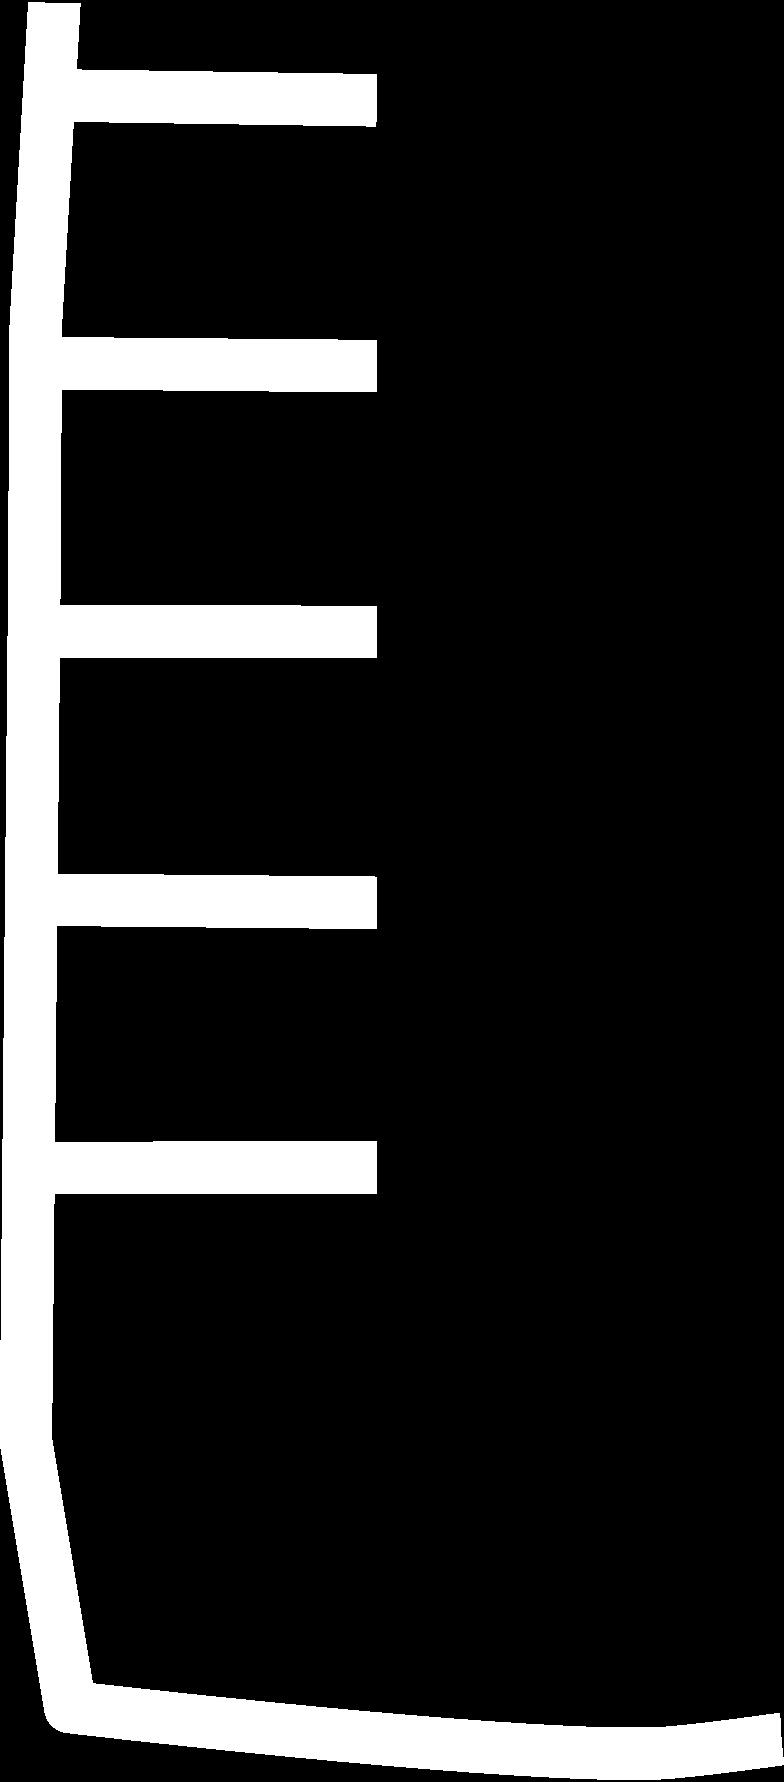 sheet shape Clipart illustration in PNG, SVG